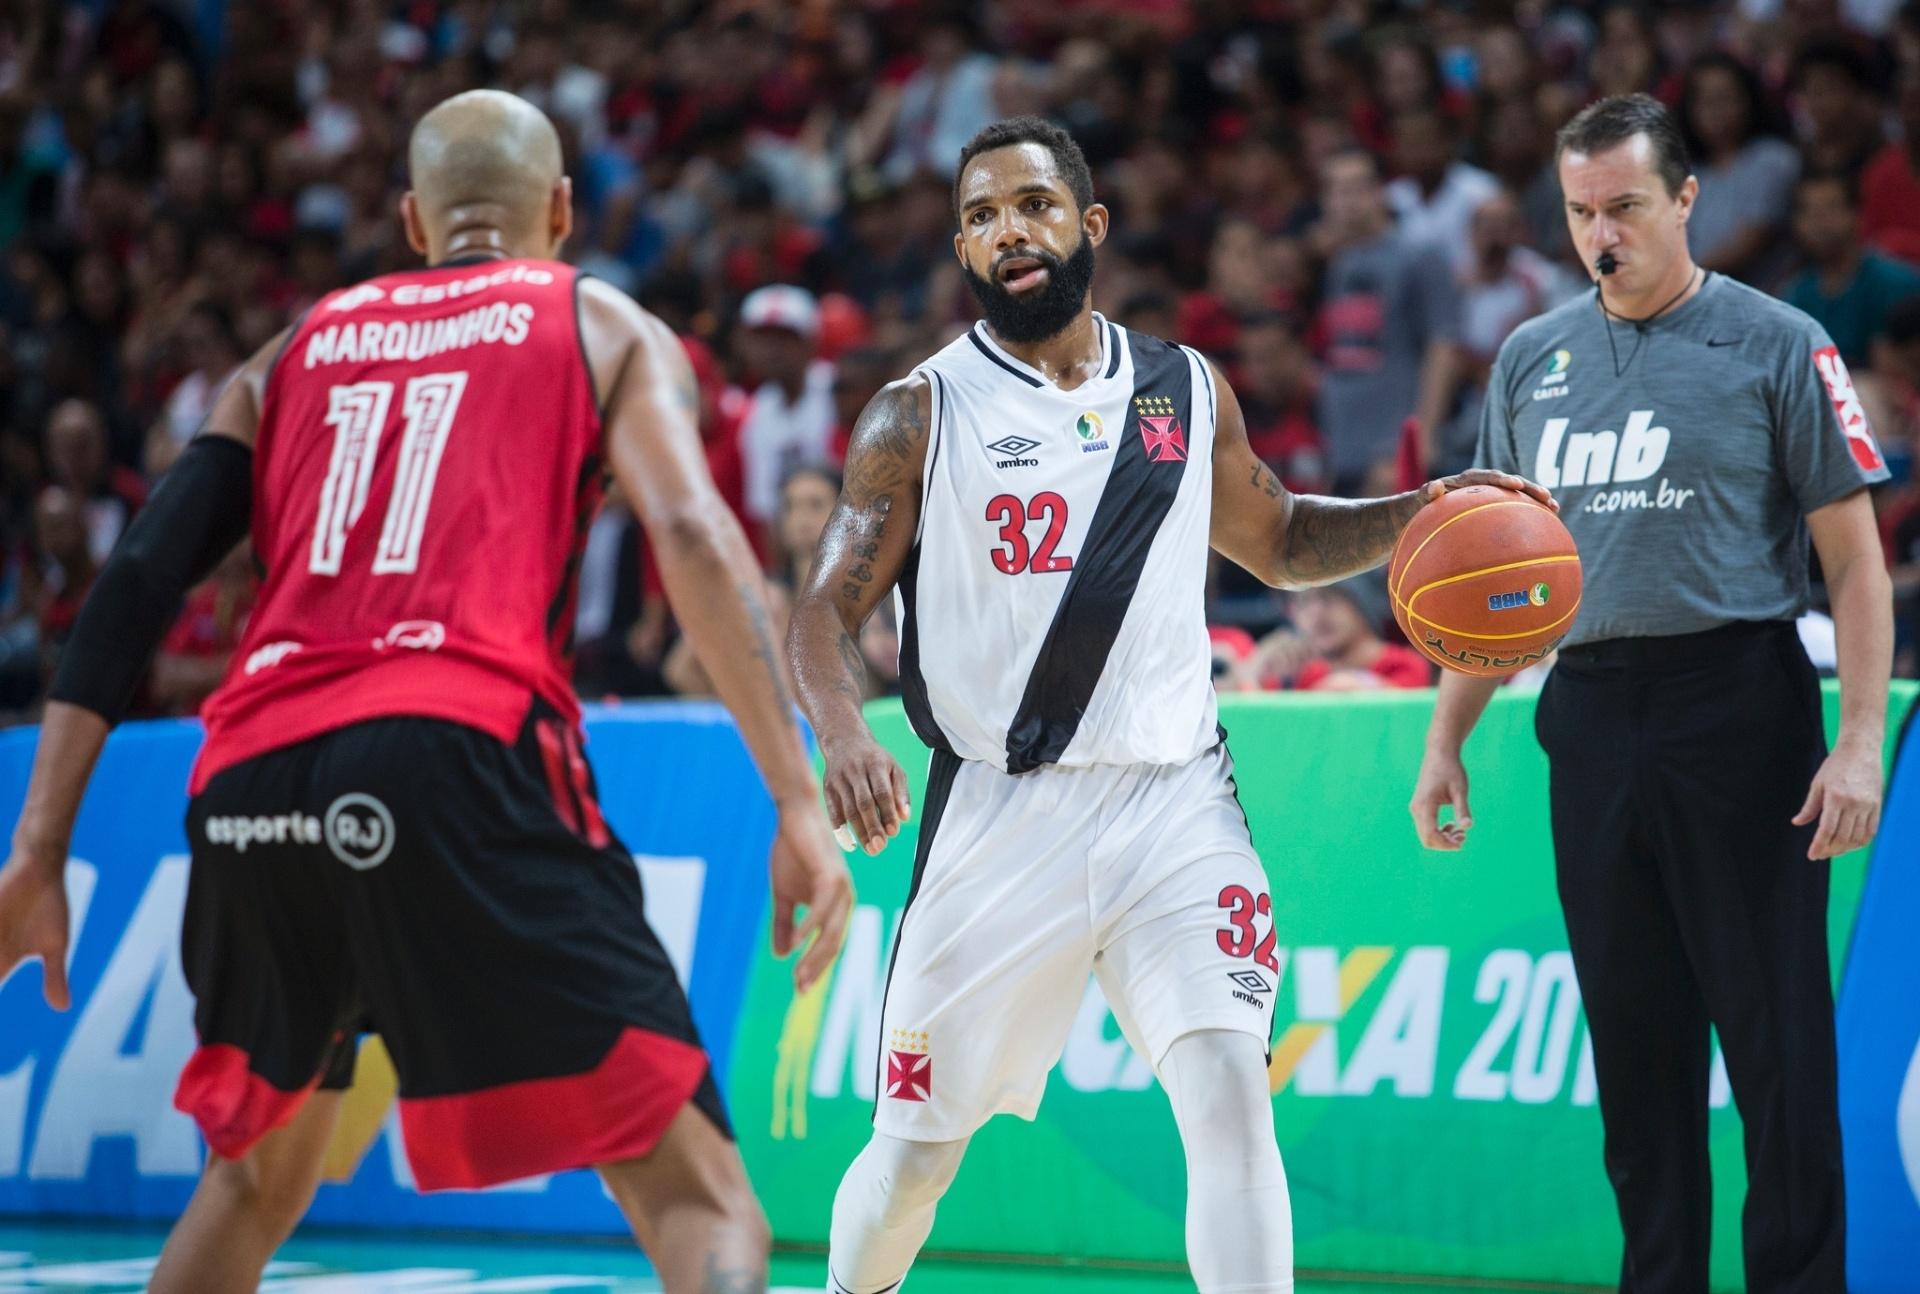 b242205a7e Vasco pode ter desmanche no basquete e deve até para quem jogou NBB passado  - 09 01 2018 - UOL Esporte